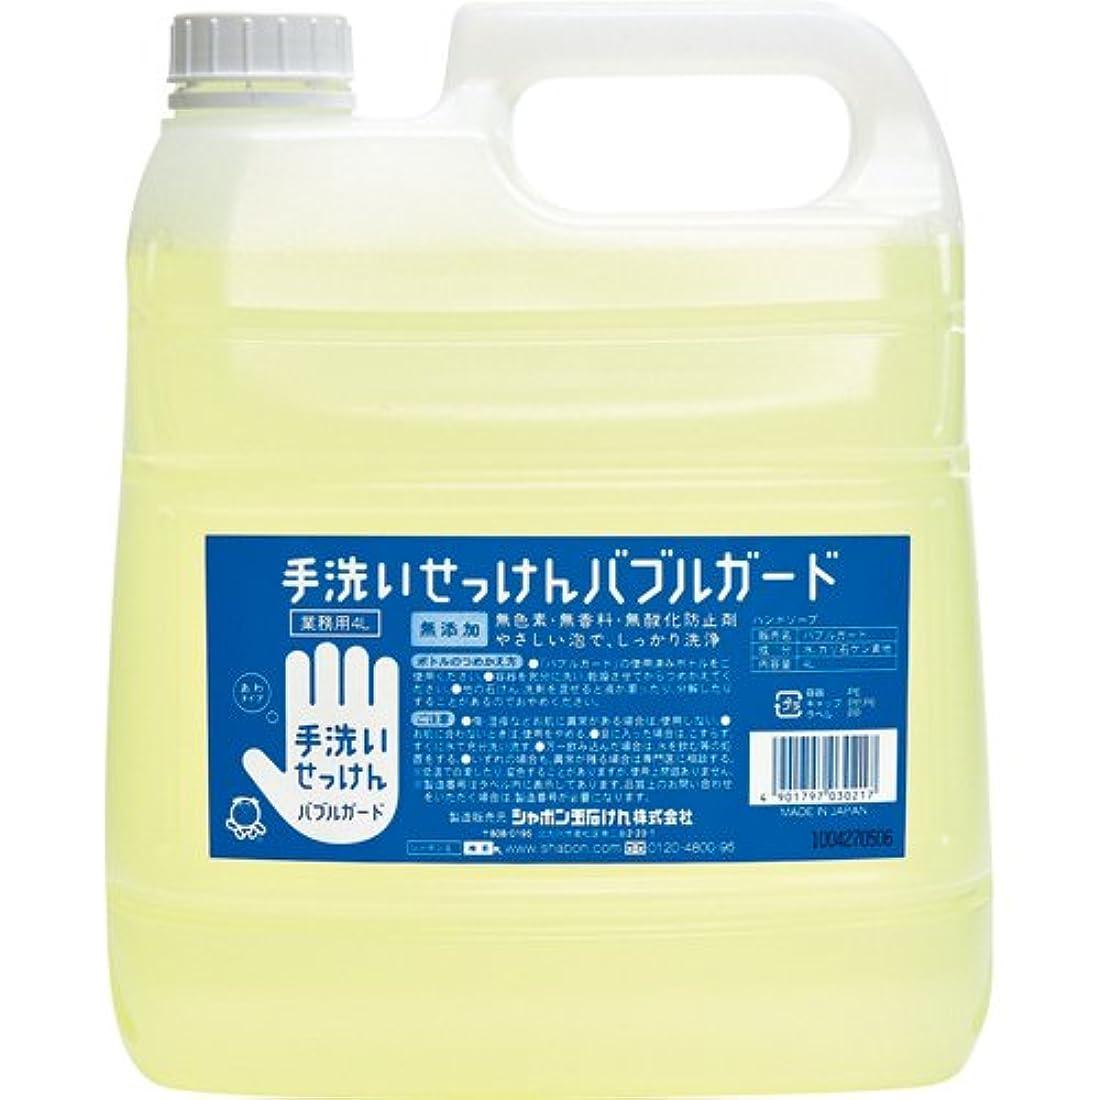 吐く混合系譜[シャボン玉石けん 1692542] (ケア商品)手洗いせっけん バブルガード 泡タイプ 業務用 4L